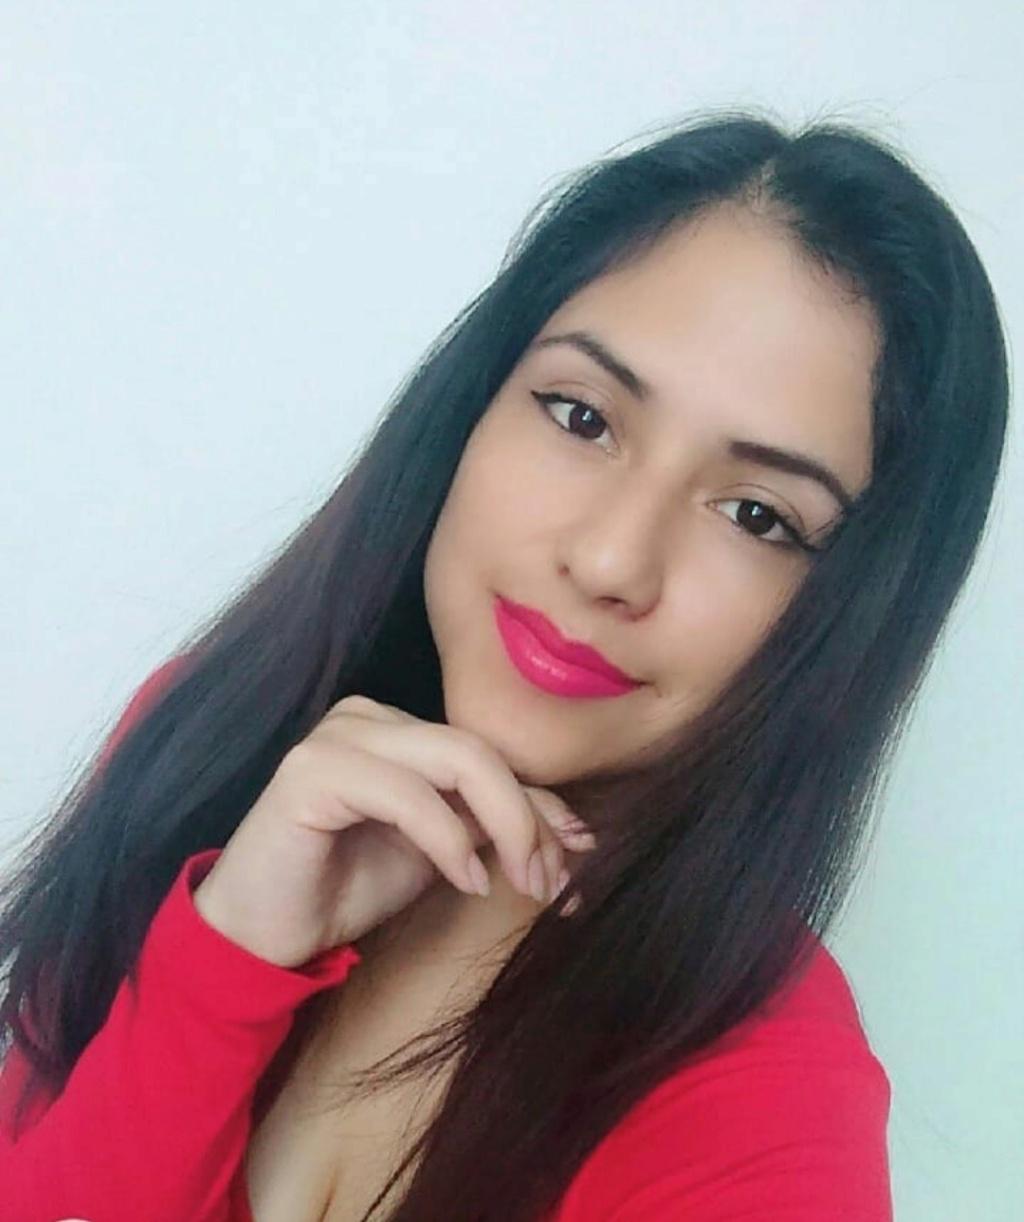 DEBATE sobre belleza, guapura y hermosura (fotos de chicas latinas, mestizas, y de todo) - VOL II - Página 9 Img_1587